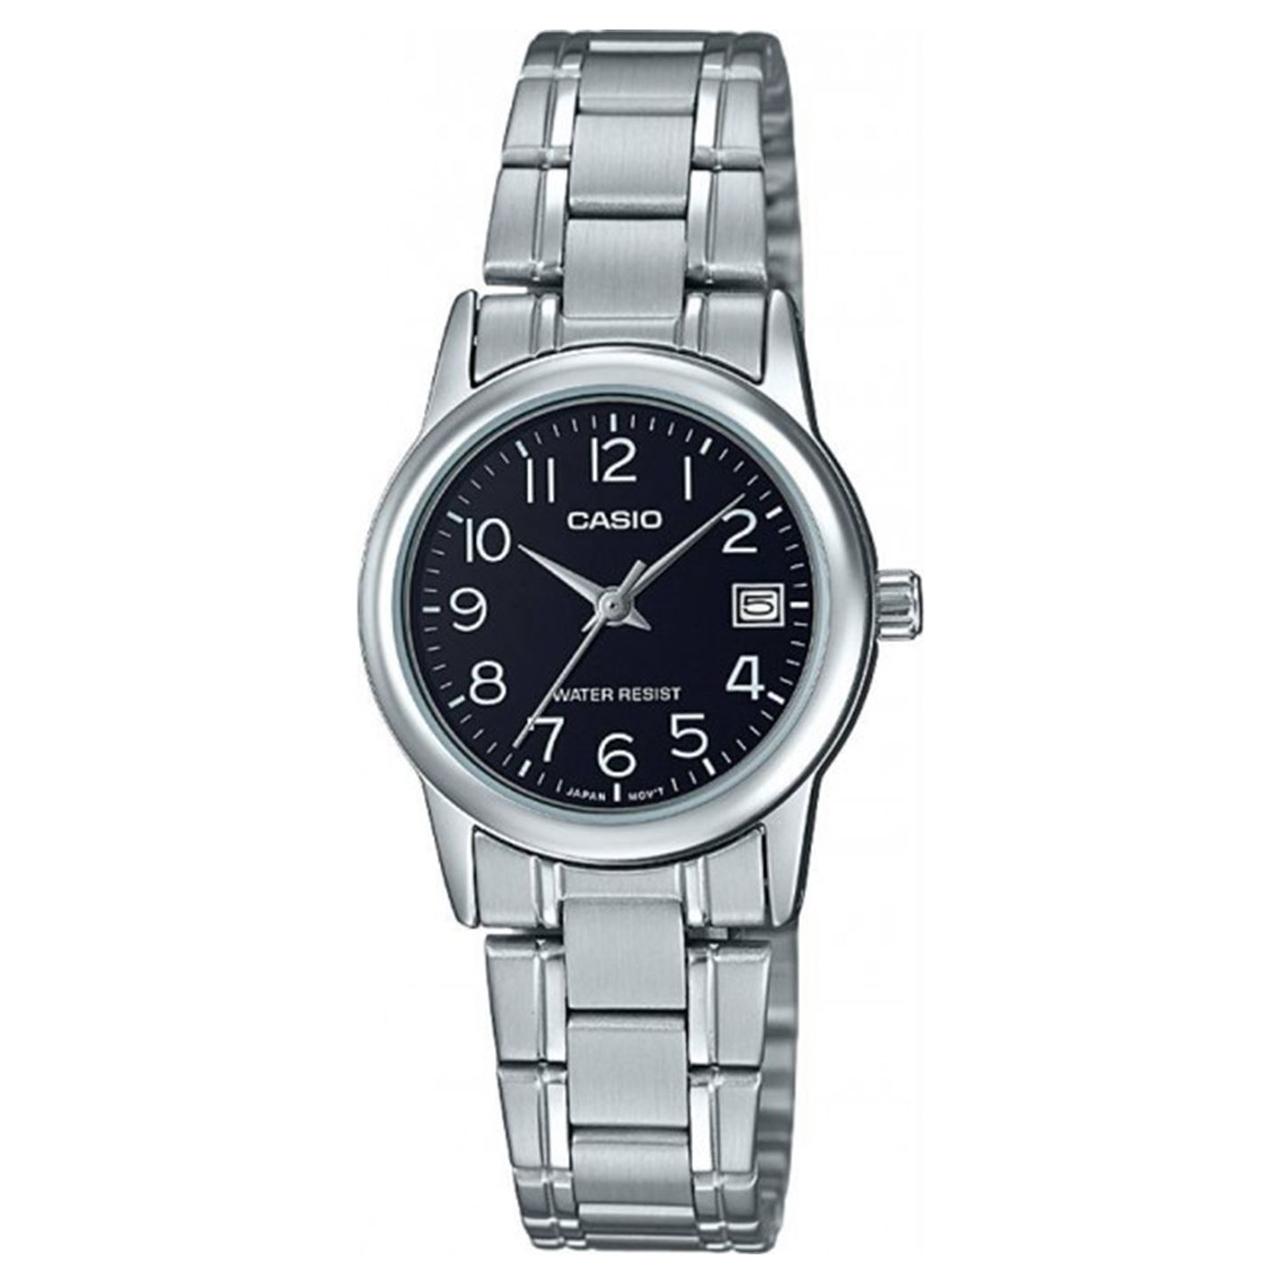 ساعت مچی عقربه ای زنانه کاسیو مدل LTP-V002D-1BUDF